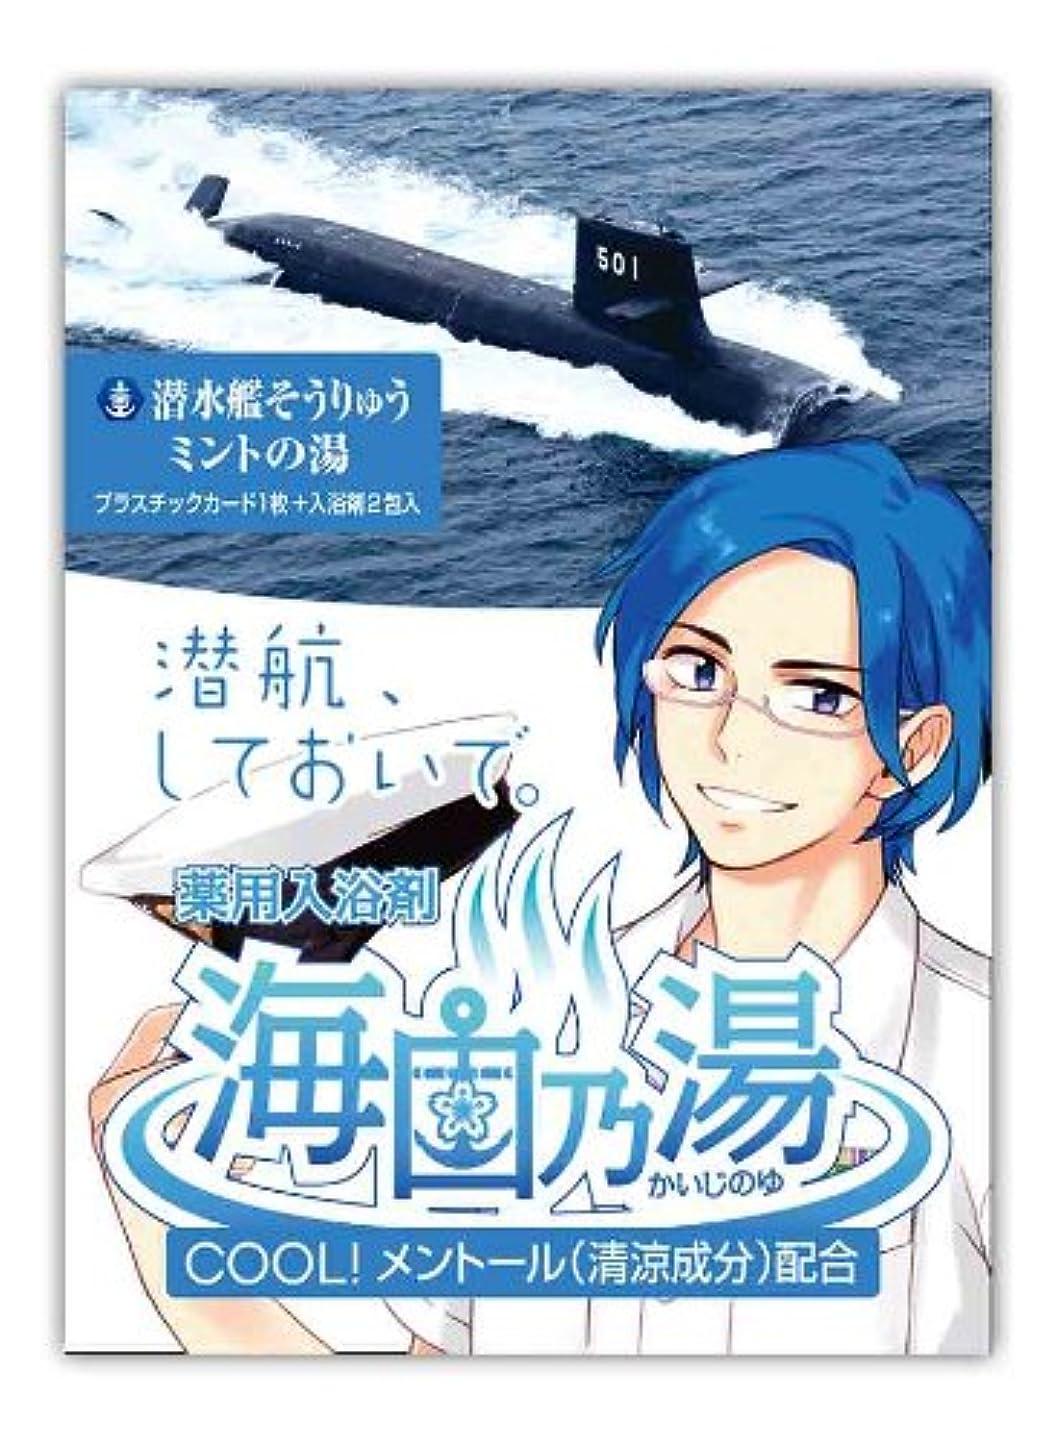 の慈悲で知っているに立ち寄る海上薬用入浴剤 海自乃湯 潜水艦そうりゅう ミントの湯(クールタイプ) 10個入 BOX